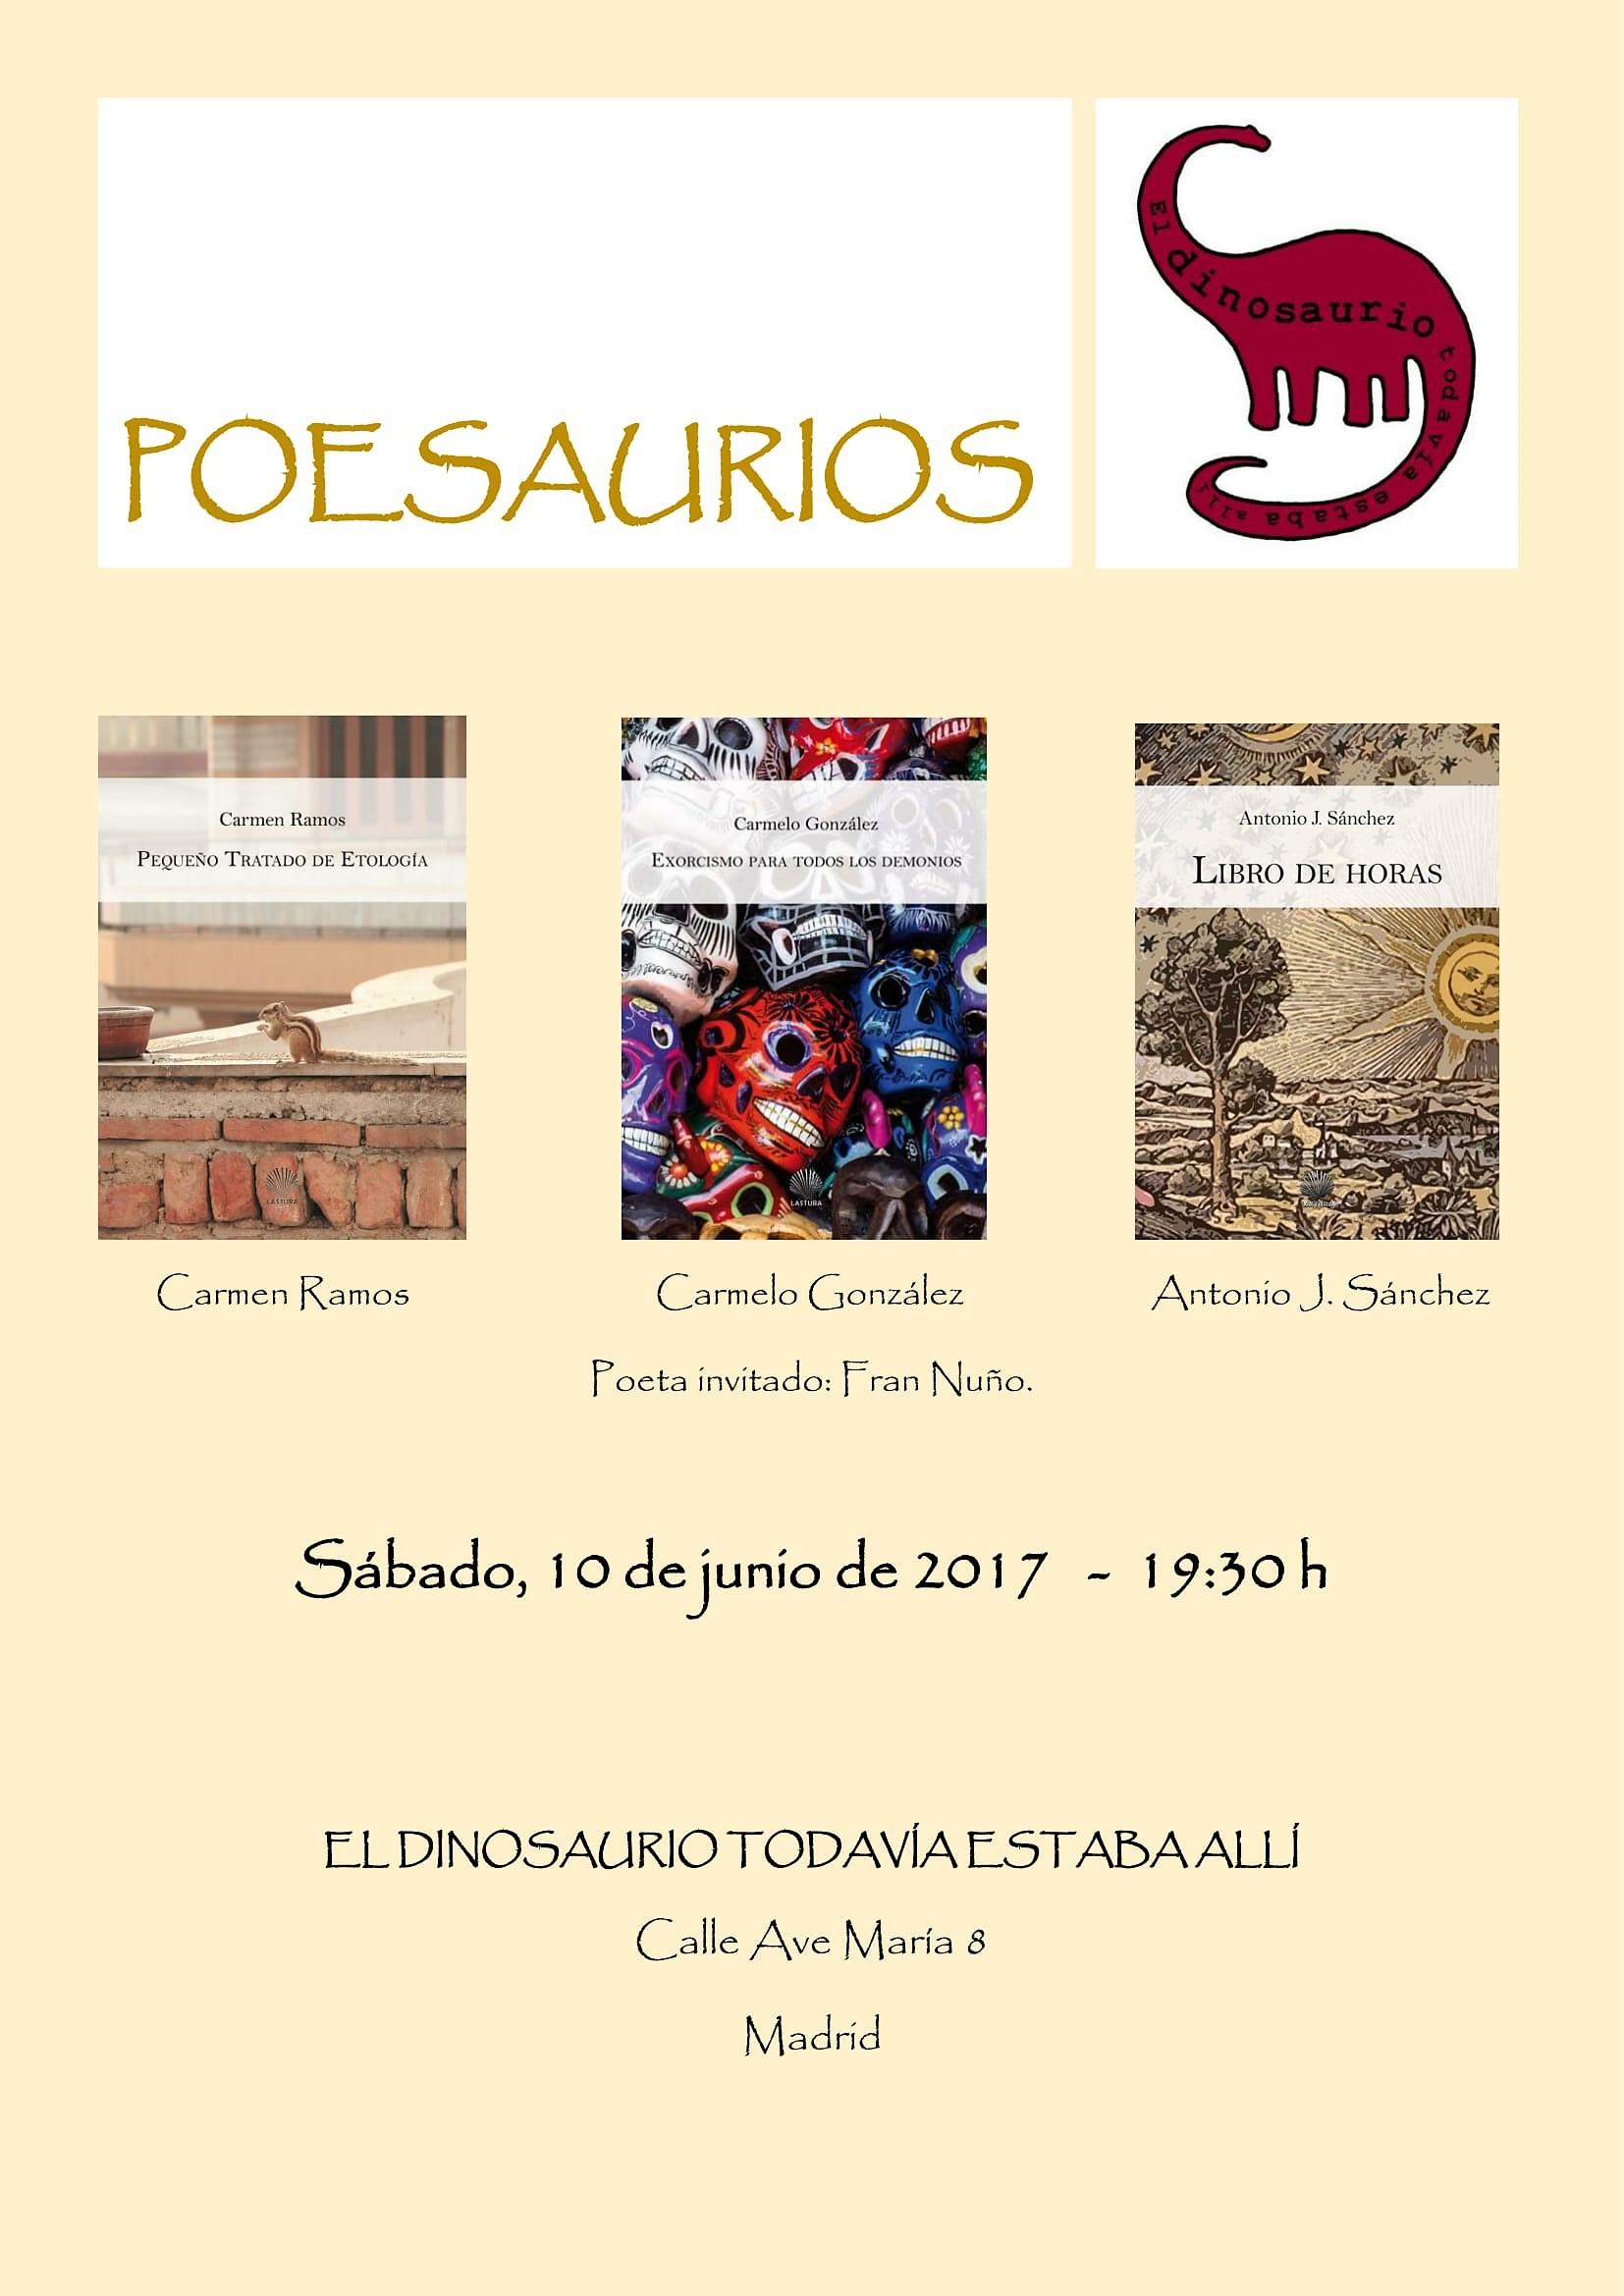 Poesaurios-1